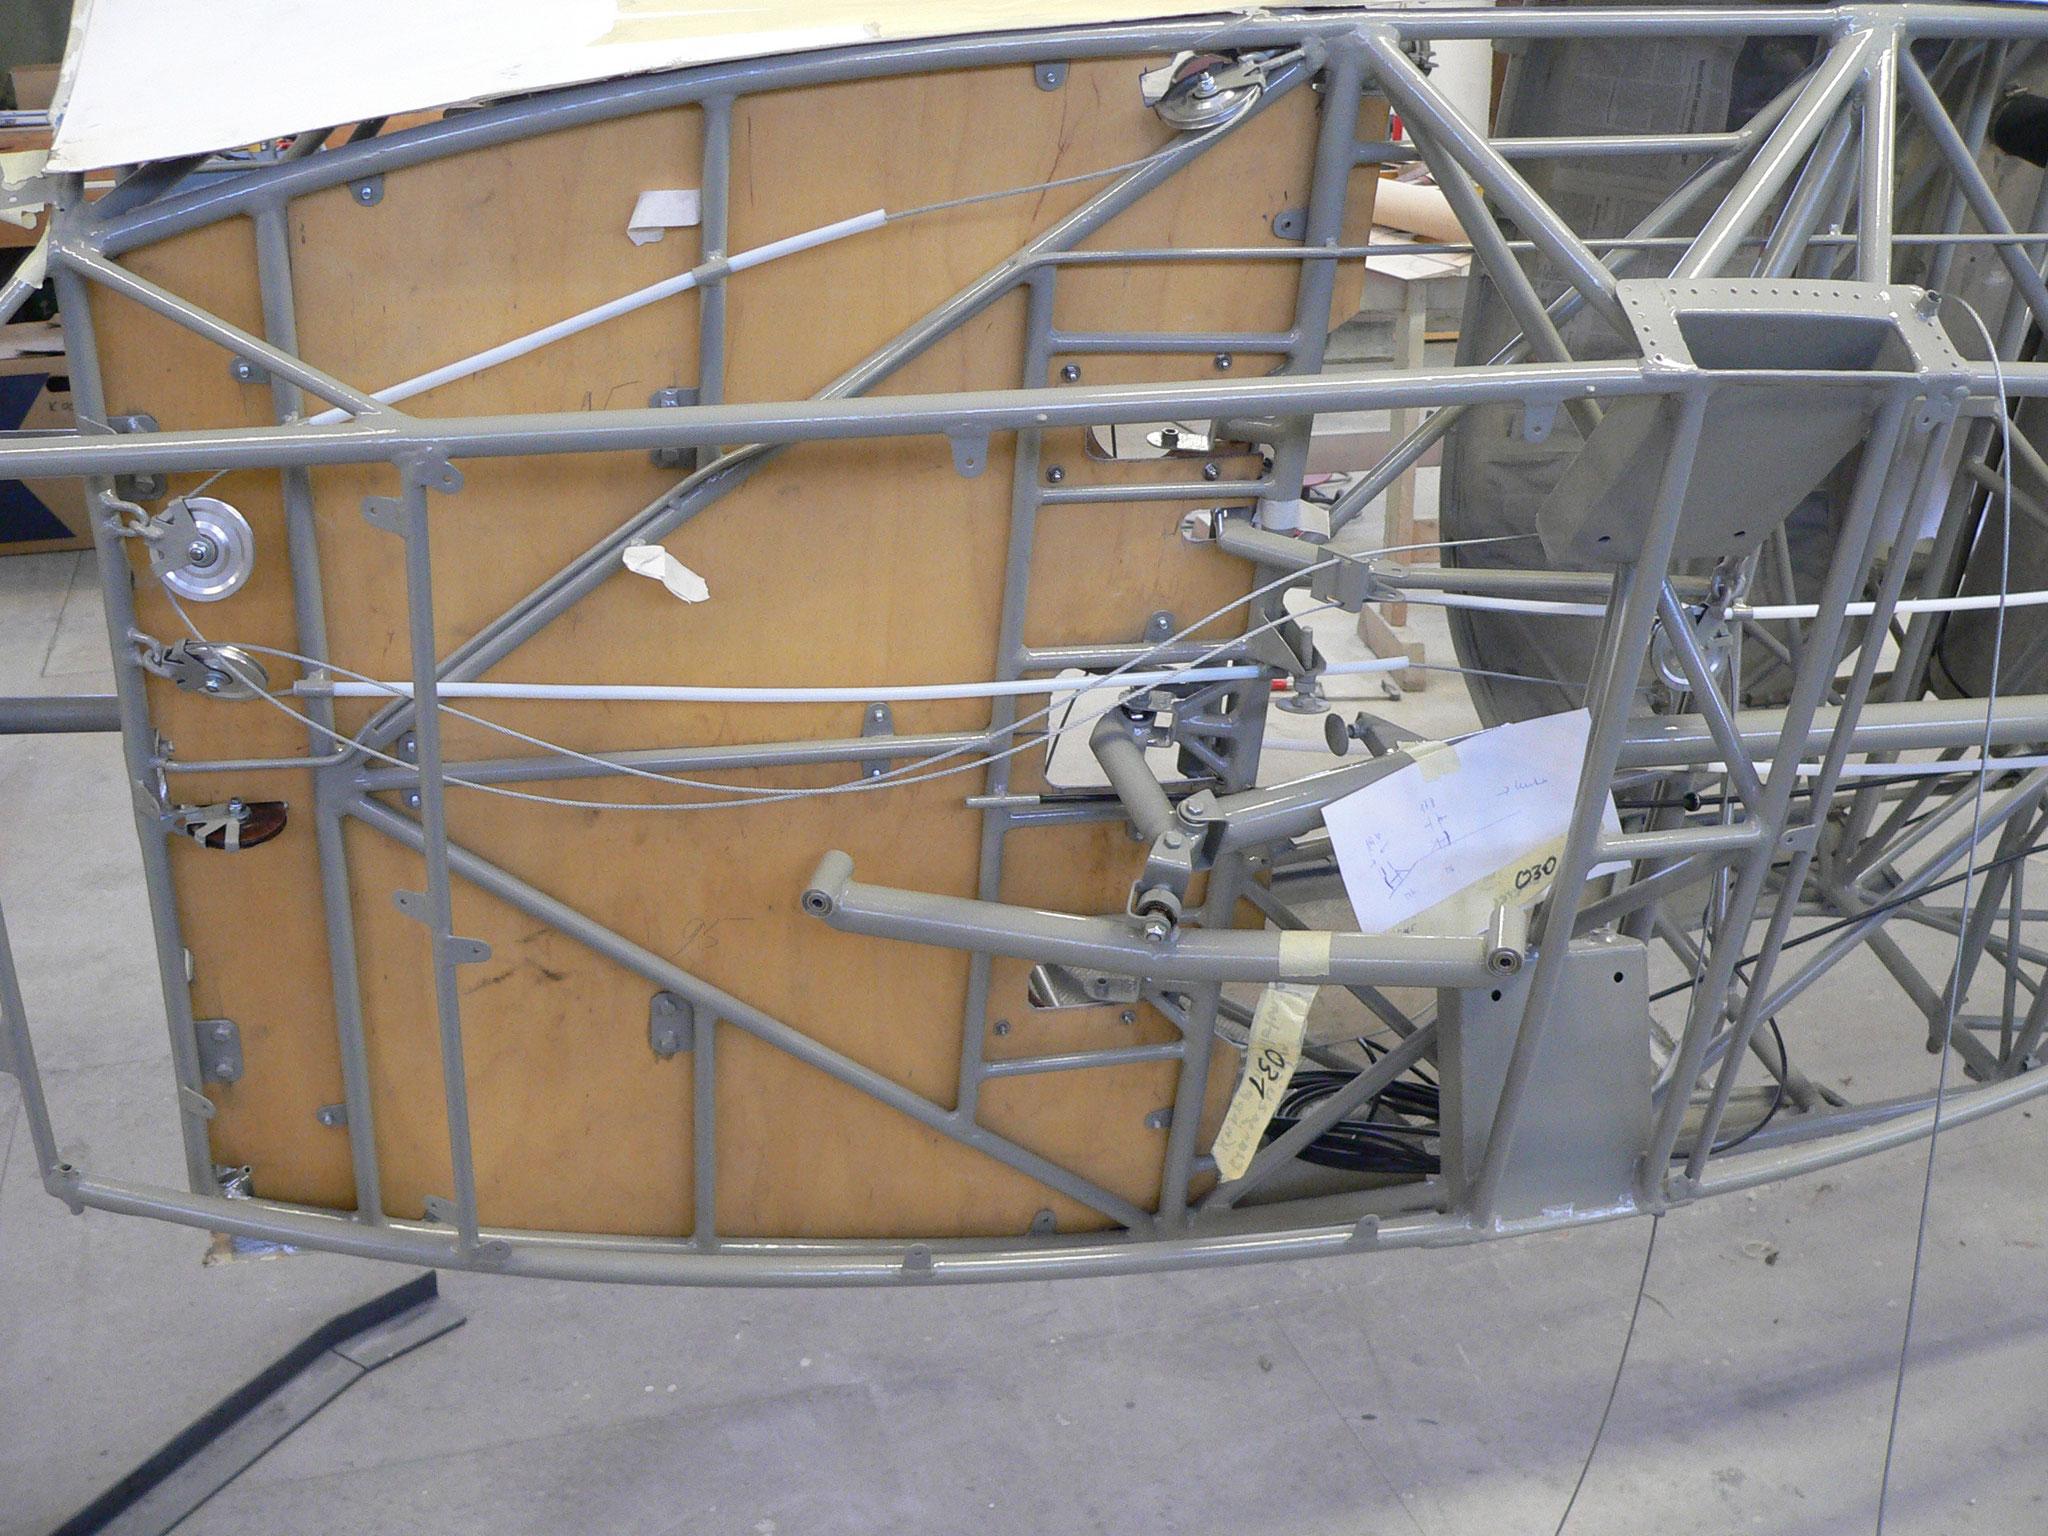 Blick unter den Cockpitboden - die Steuerung ist noch nicht vollständig montiert